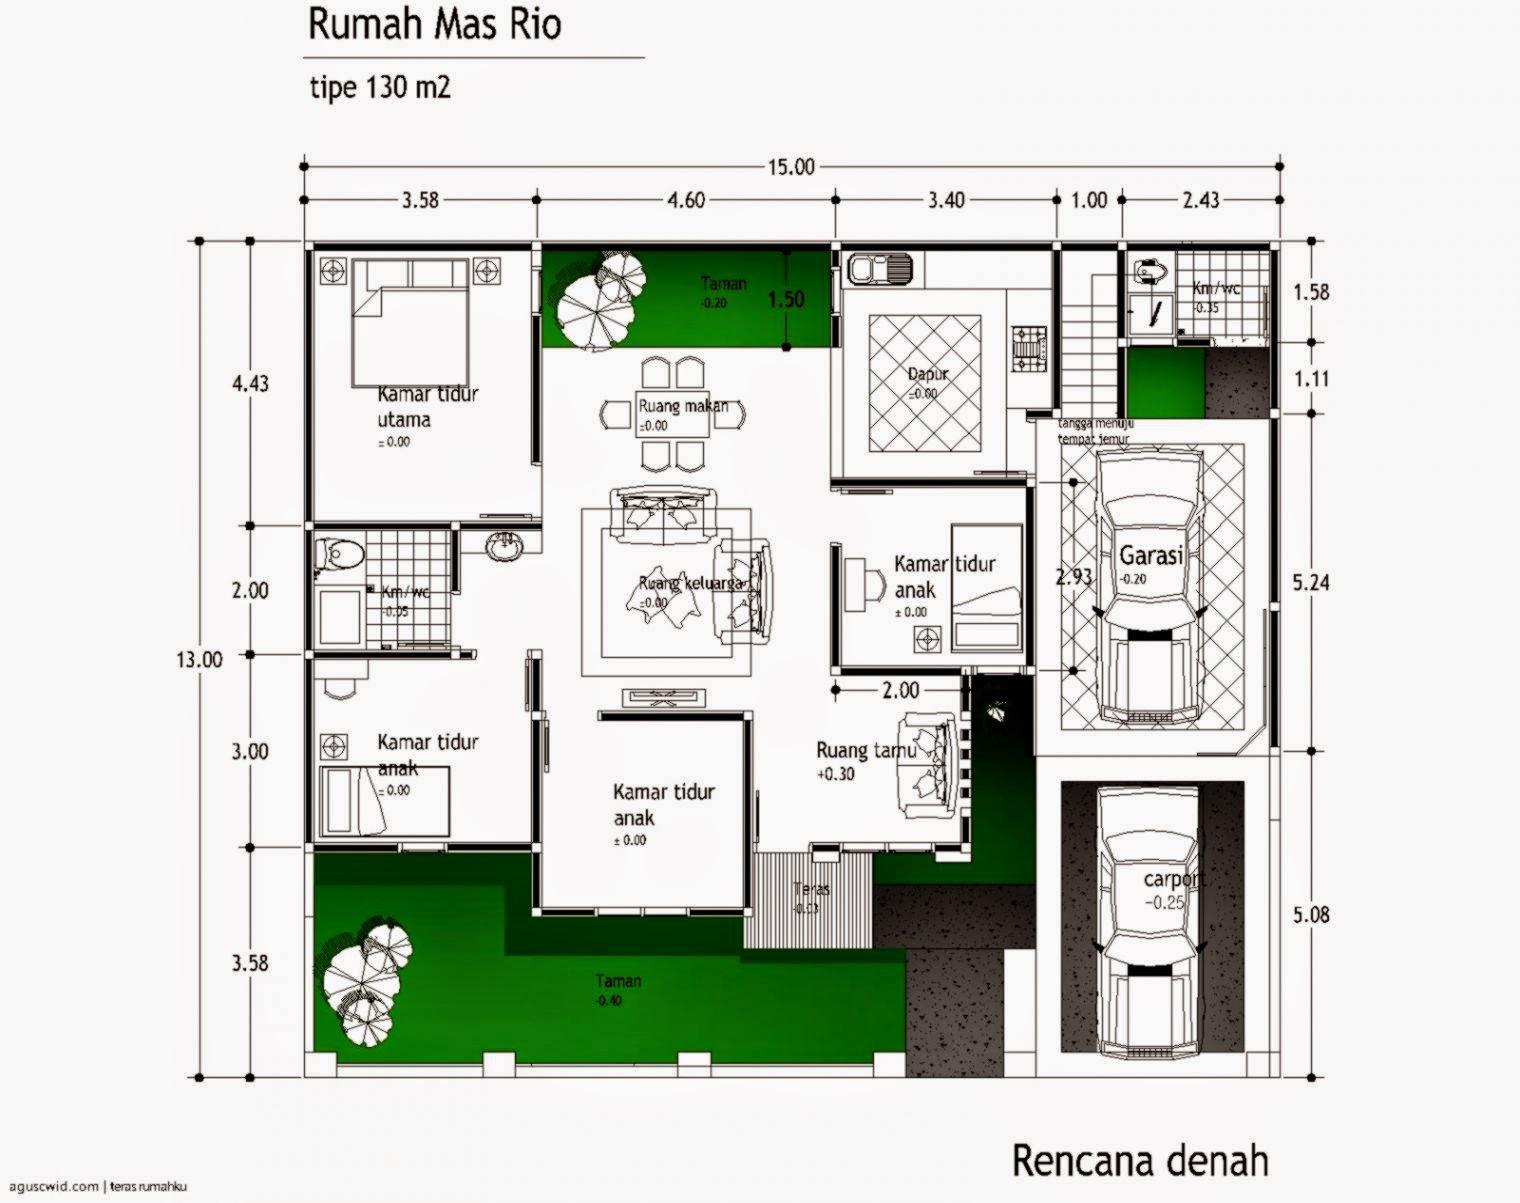 Kumpulan Desain Rumah Minimalis Yang Islami Kumpulan Desain Rumah